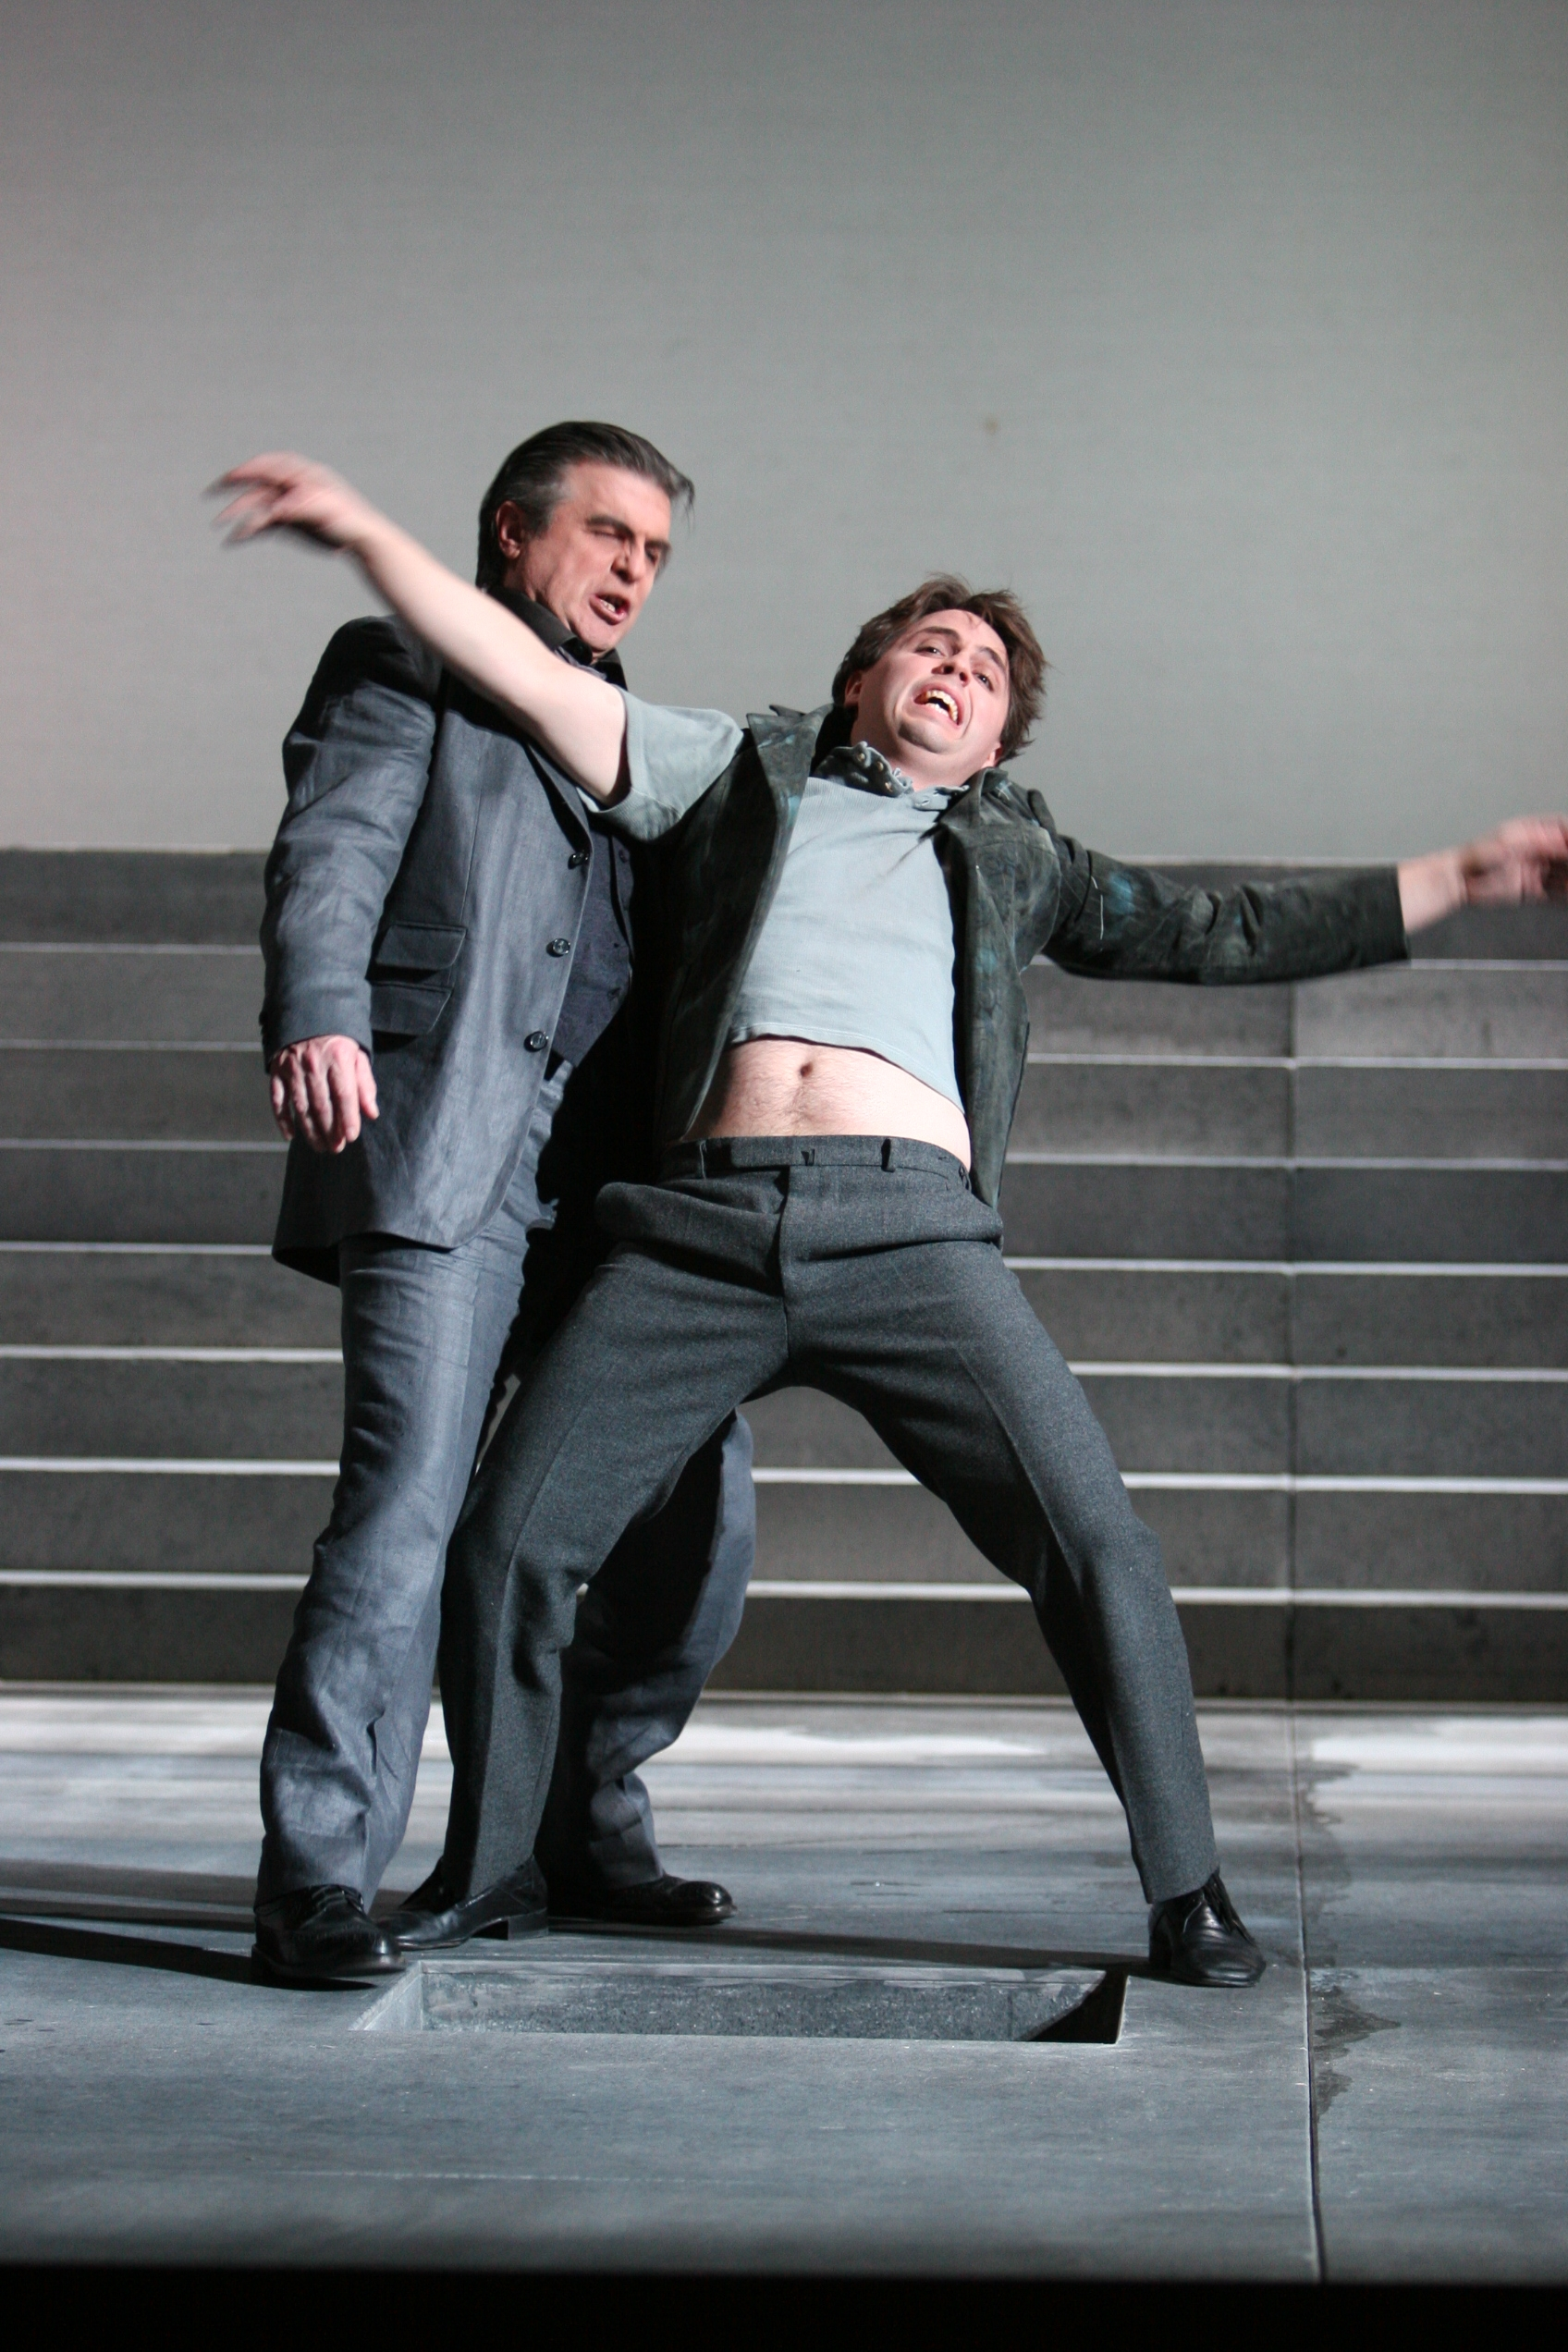 Janáček, Kát'a Kabanová (Kudrjaš). Trier, Germany - 2004-05